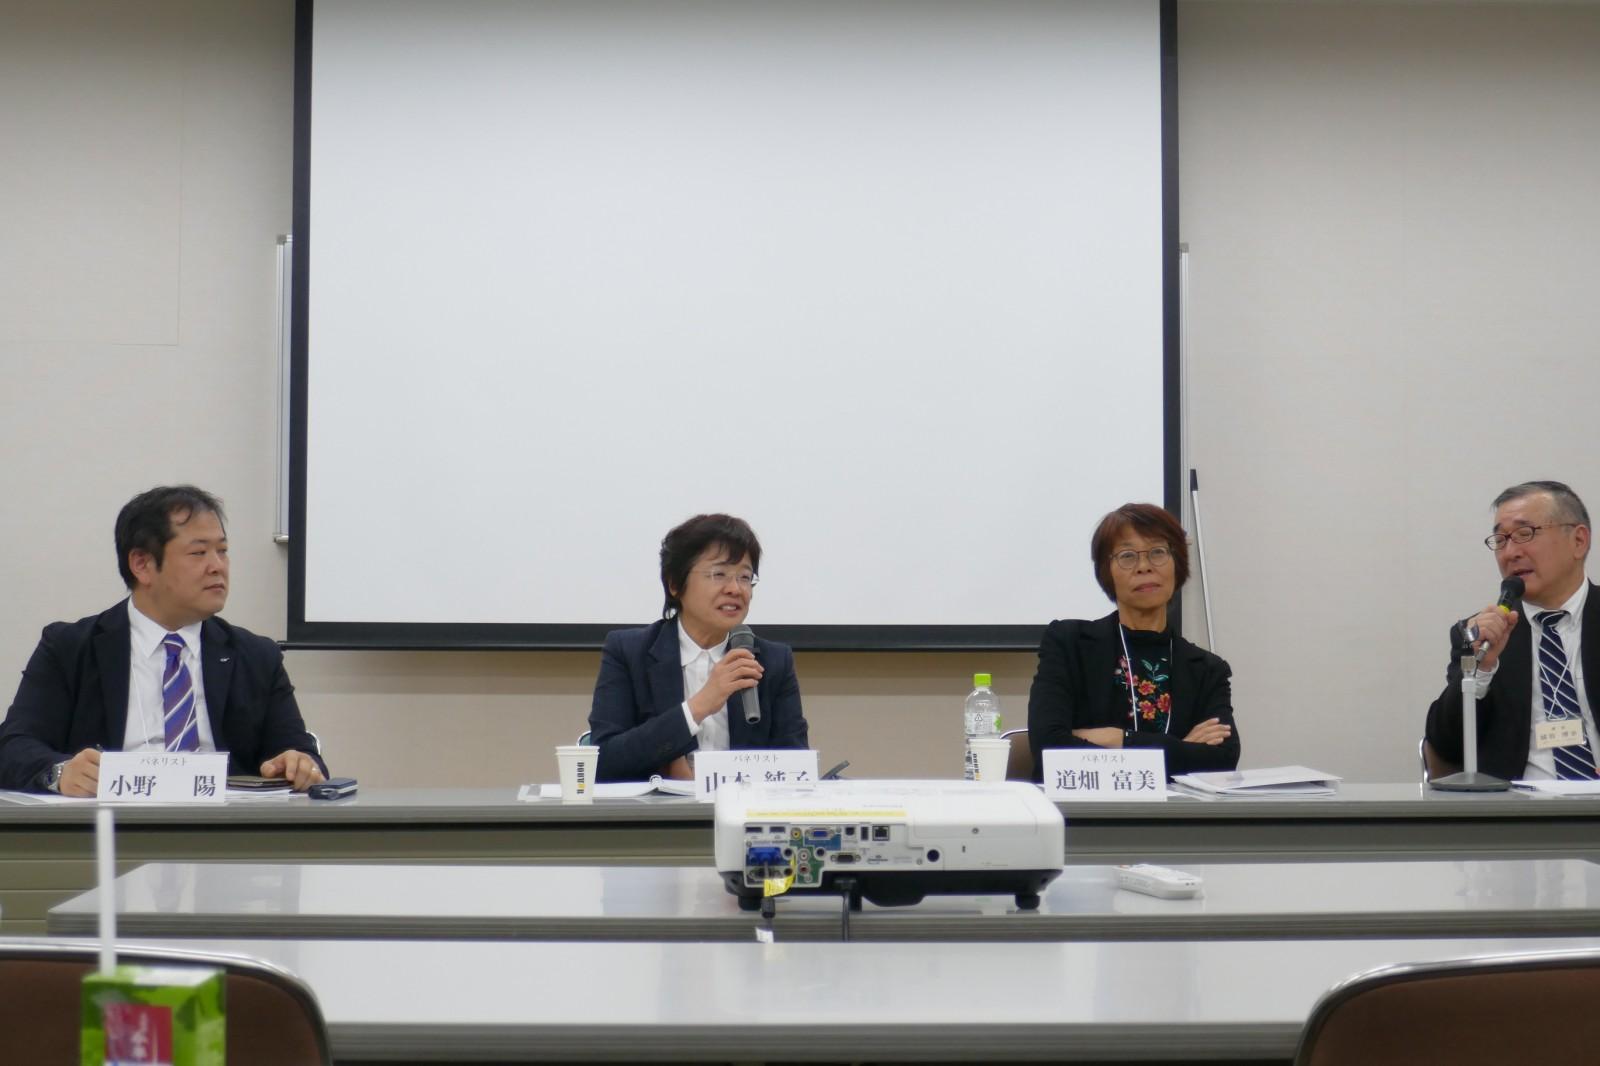 城取博幸氏が座長の勉強会『「令和」新時代のミールソリューションの行方』